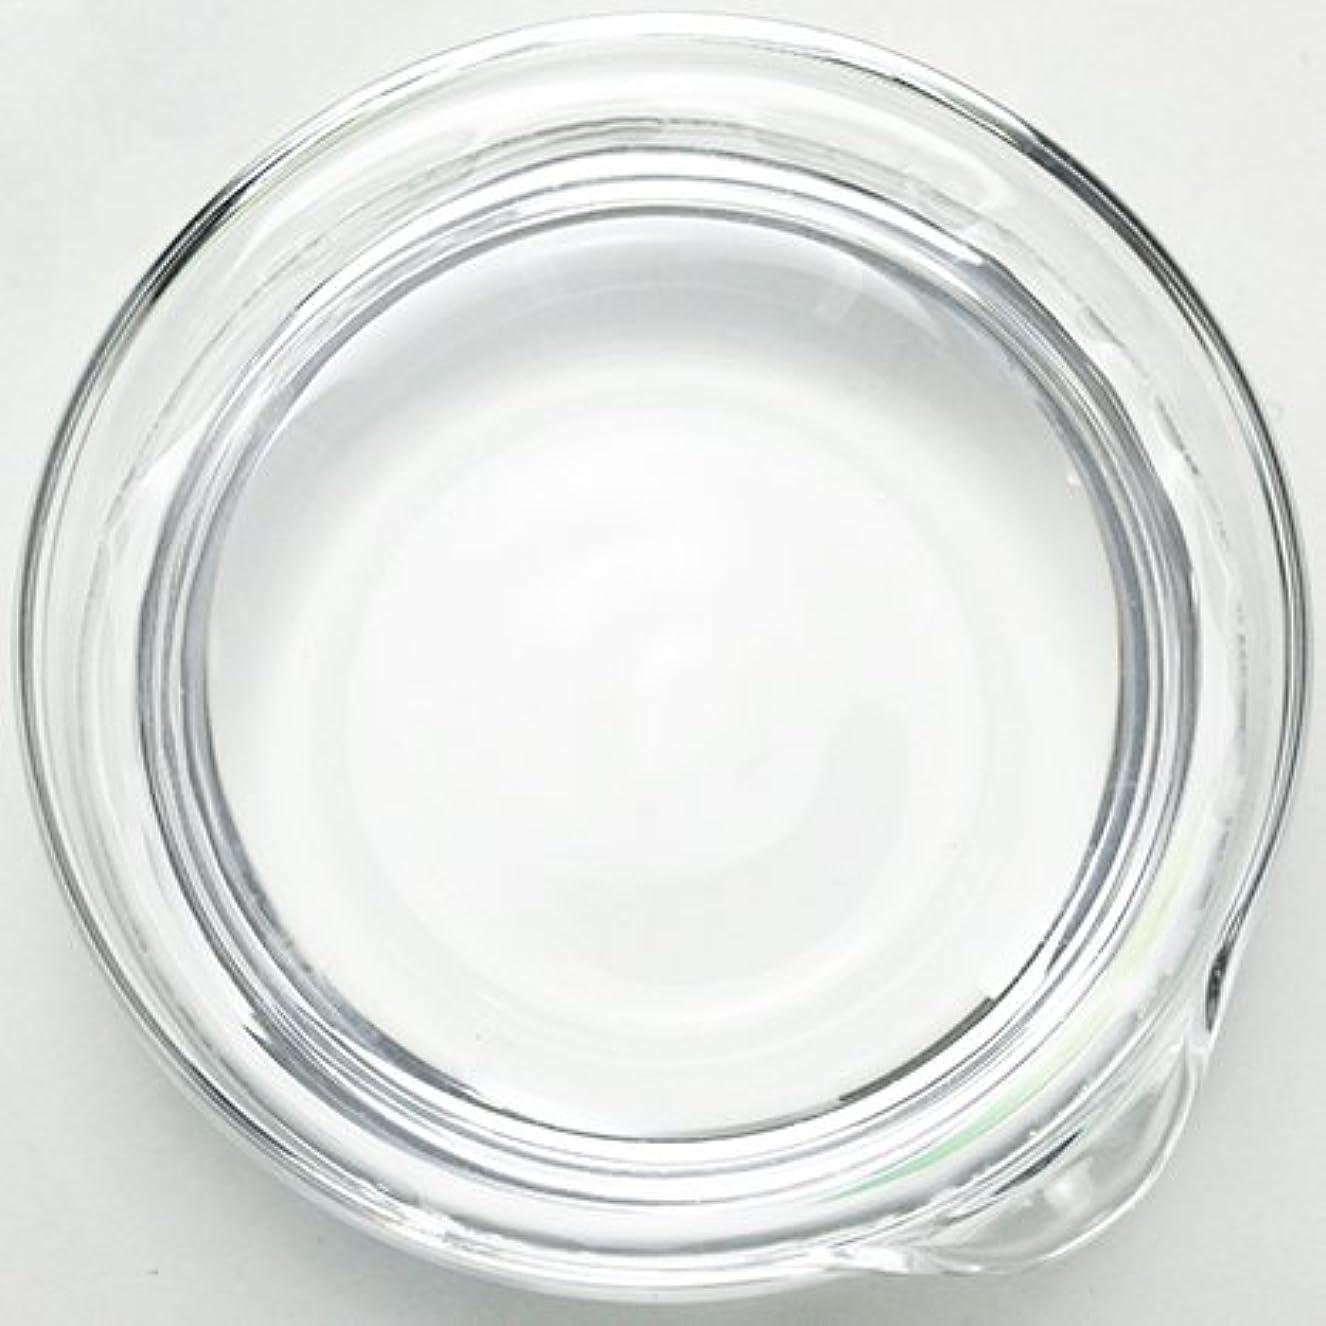 濃グリセリン[植物性] 50ml 【手作り石鹸/手作りコスメ】